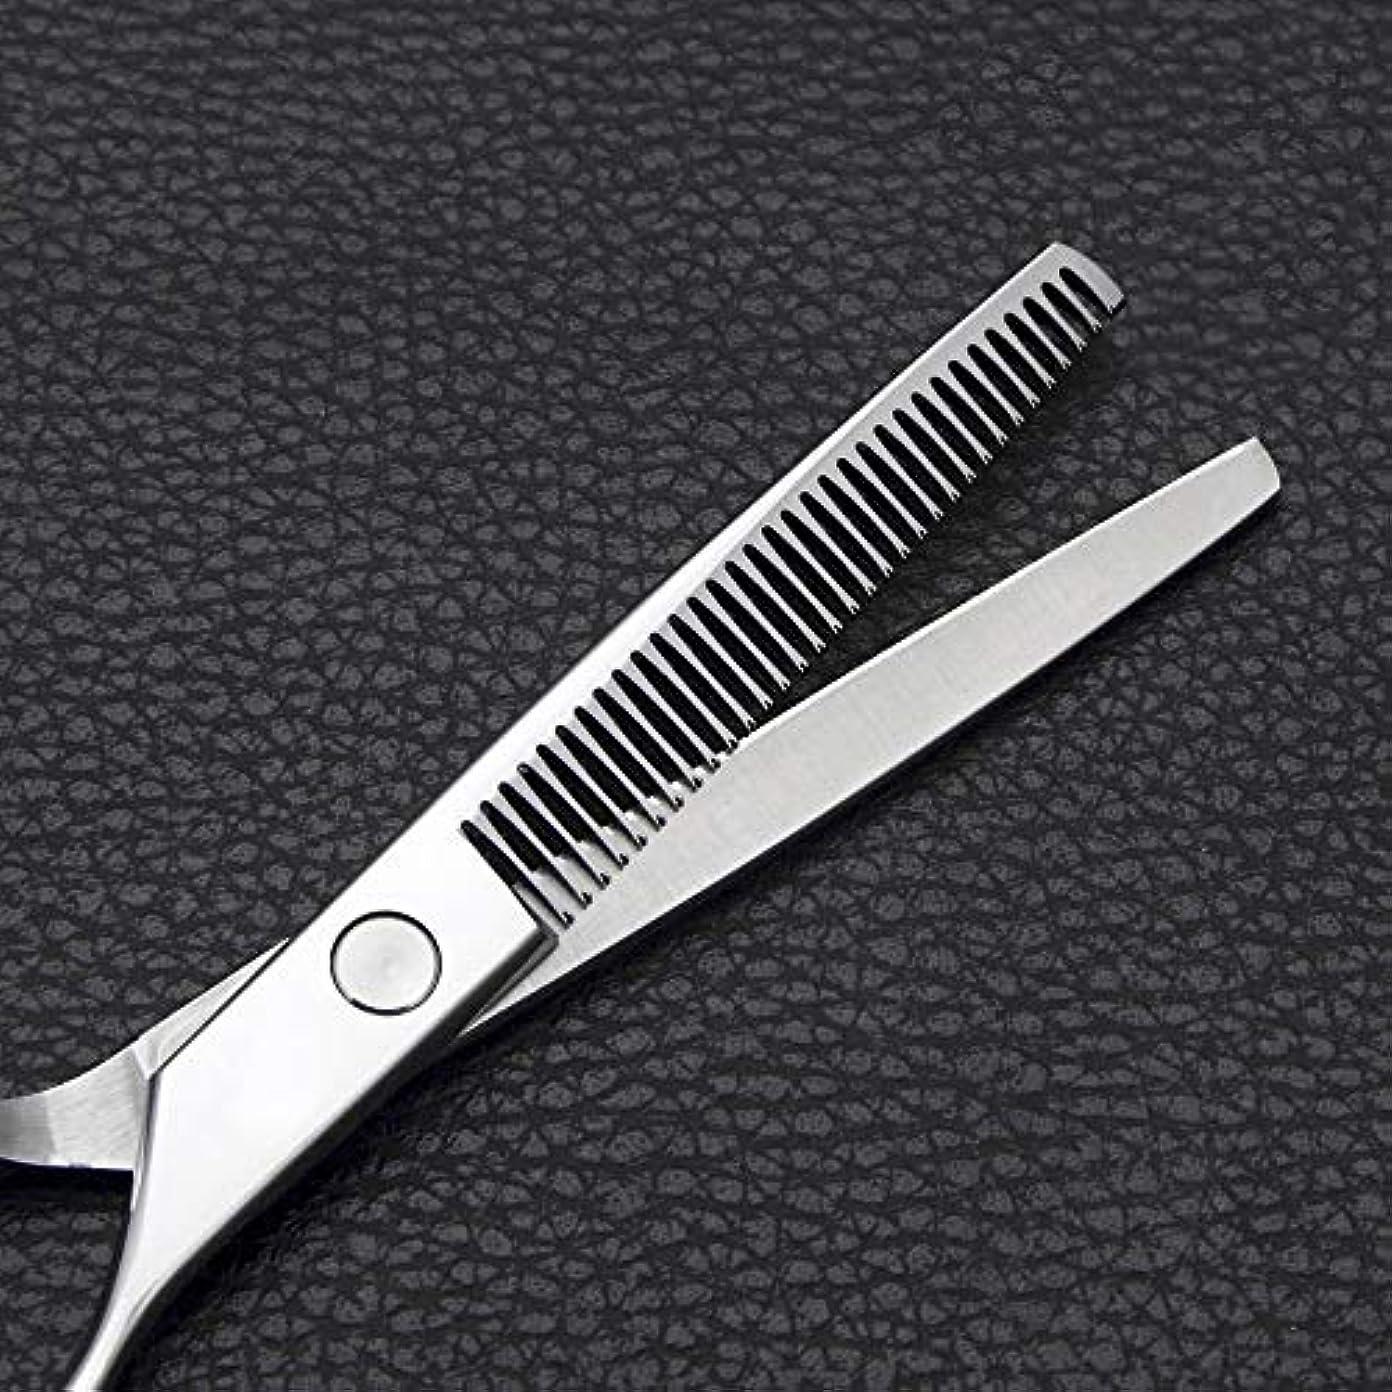 のみ許される地雷原6インチの理髪はさみ、ステンレス鋼の歯はさみをはさみます モデリングツール (色 : Silver)